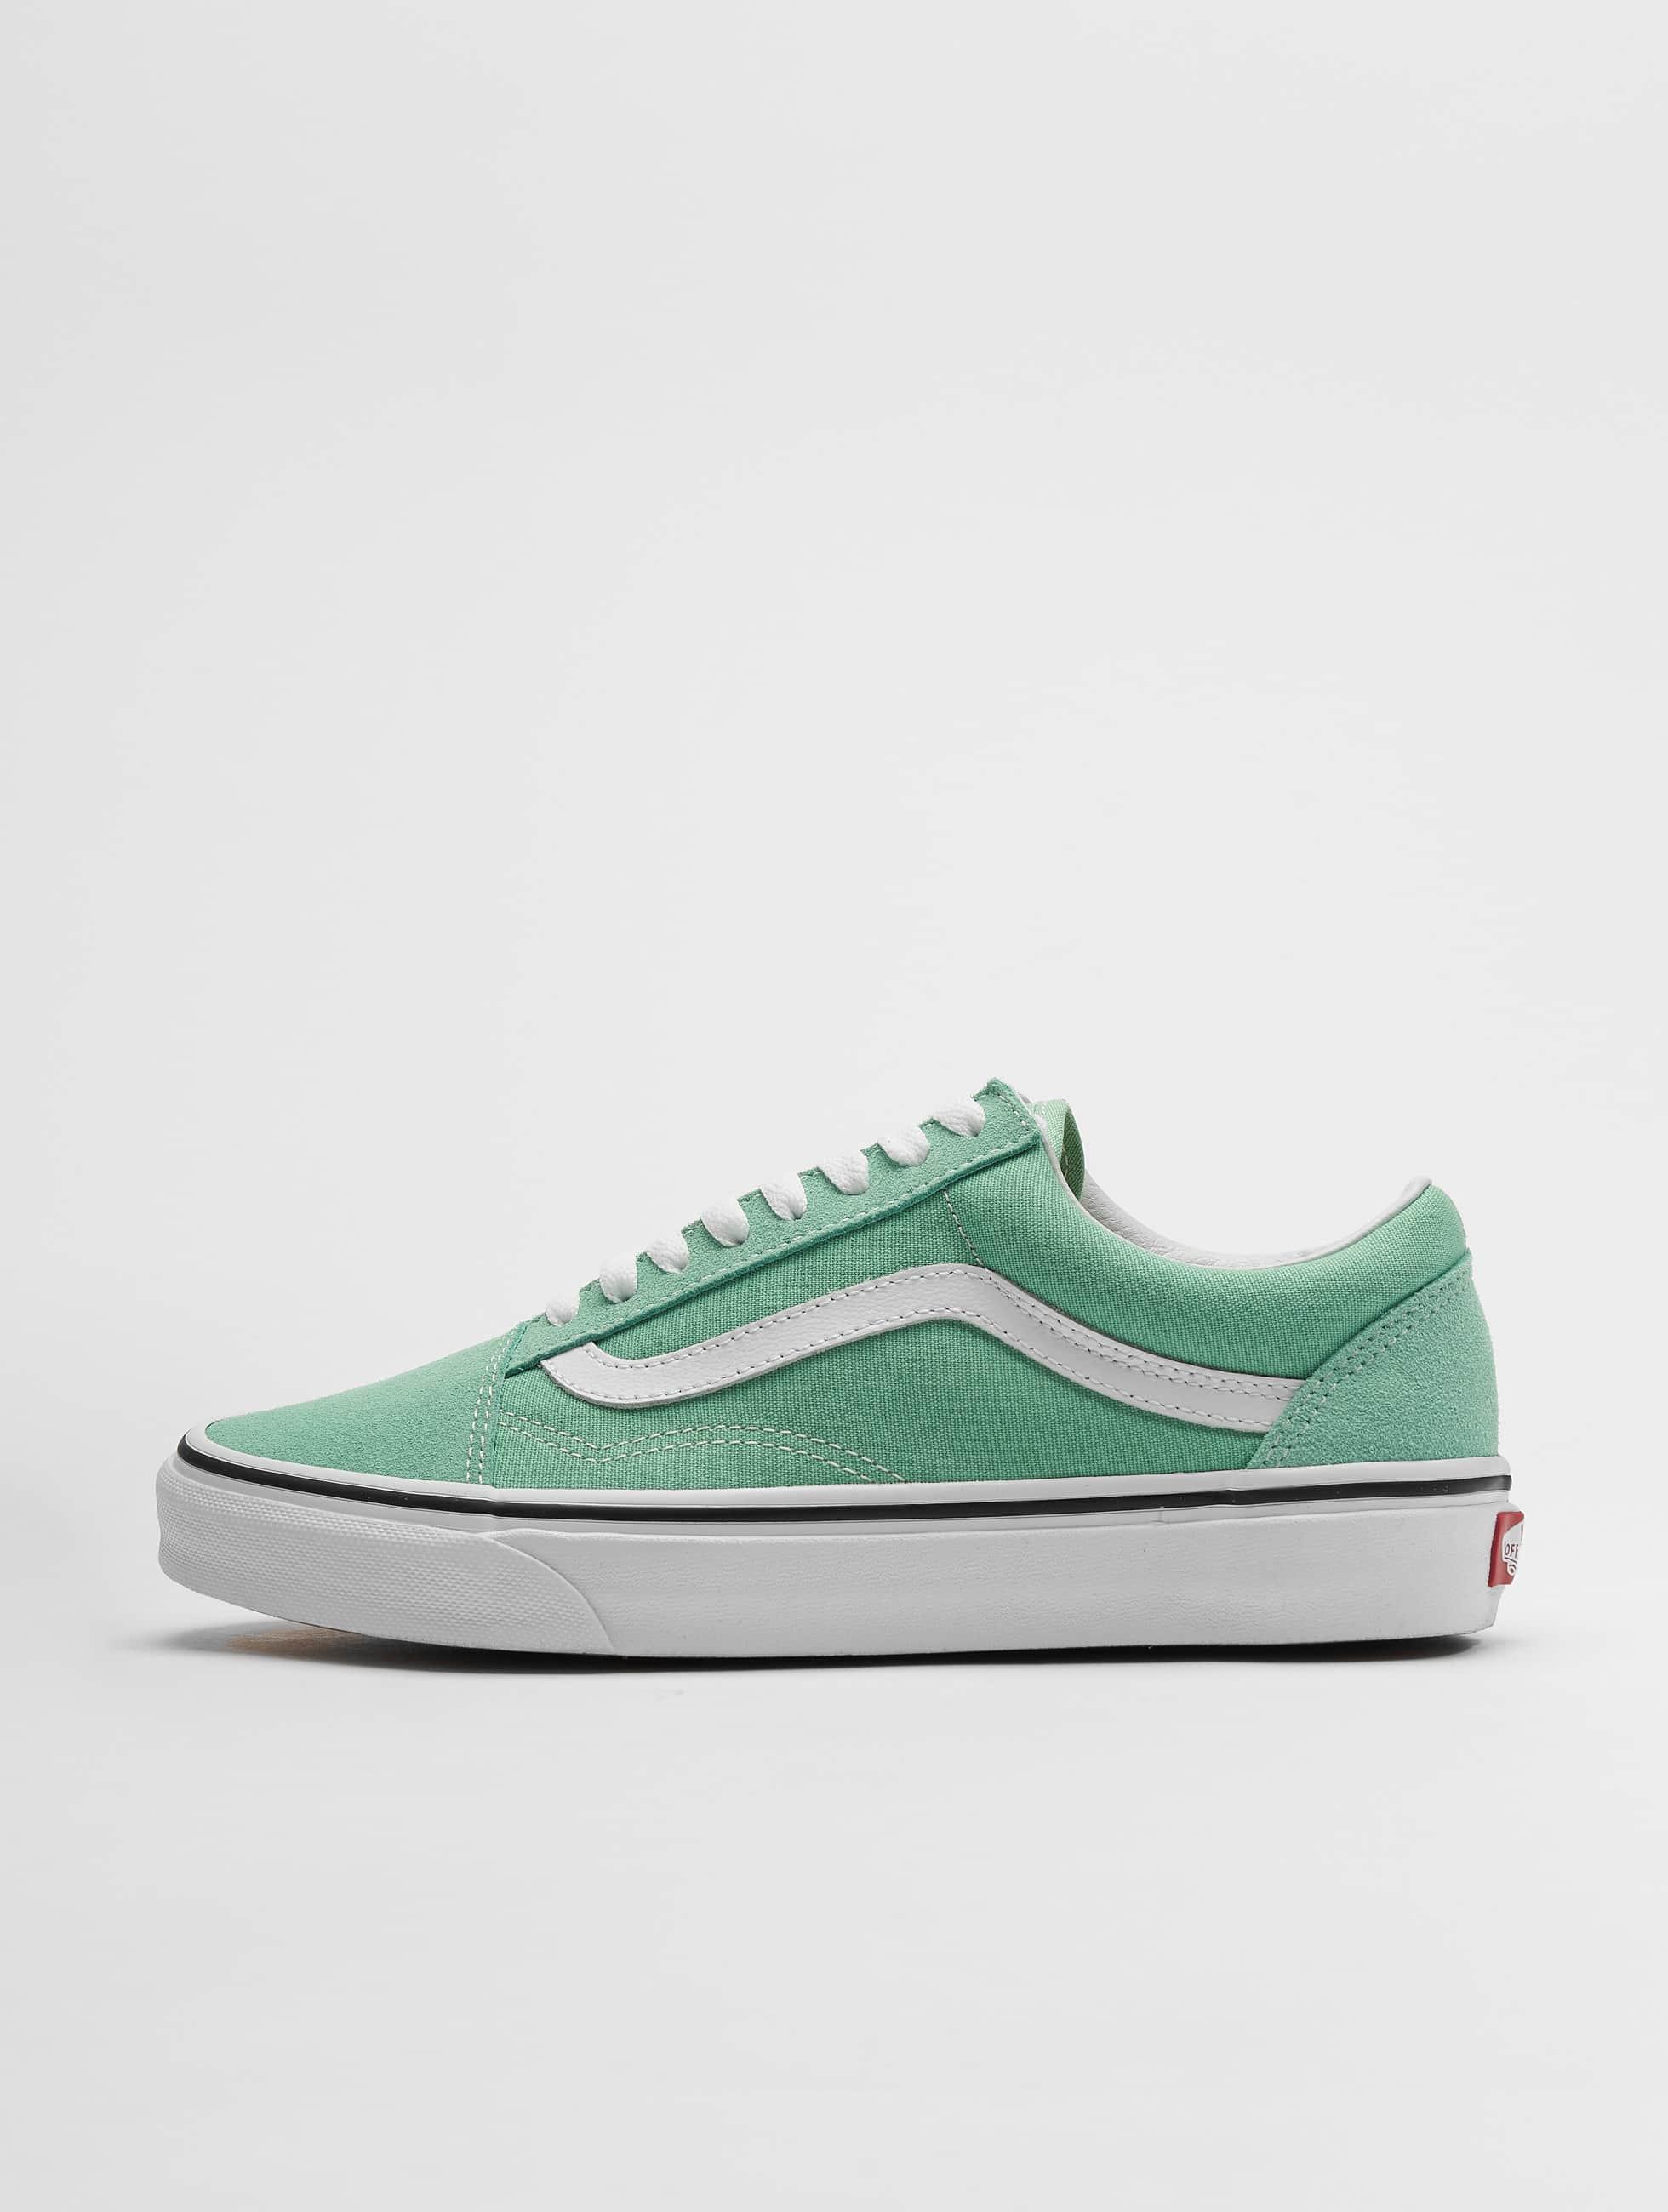 6b1f30ee0c6 Vans schoen / sneaker UA Old Skool in groen 632215